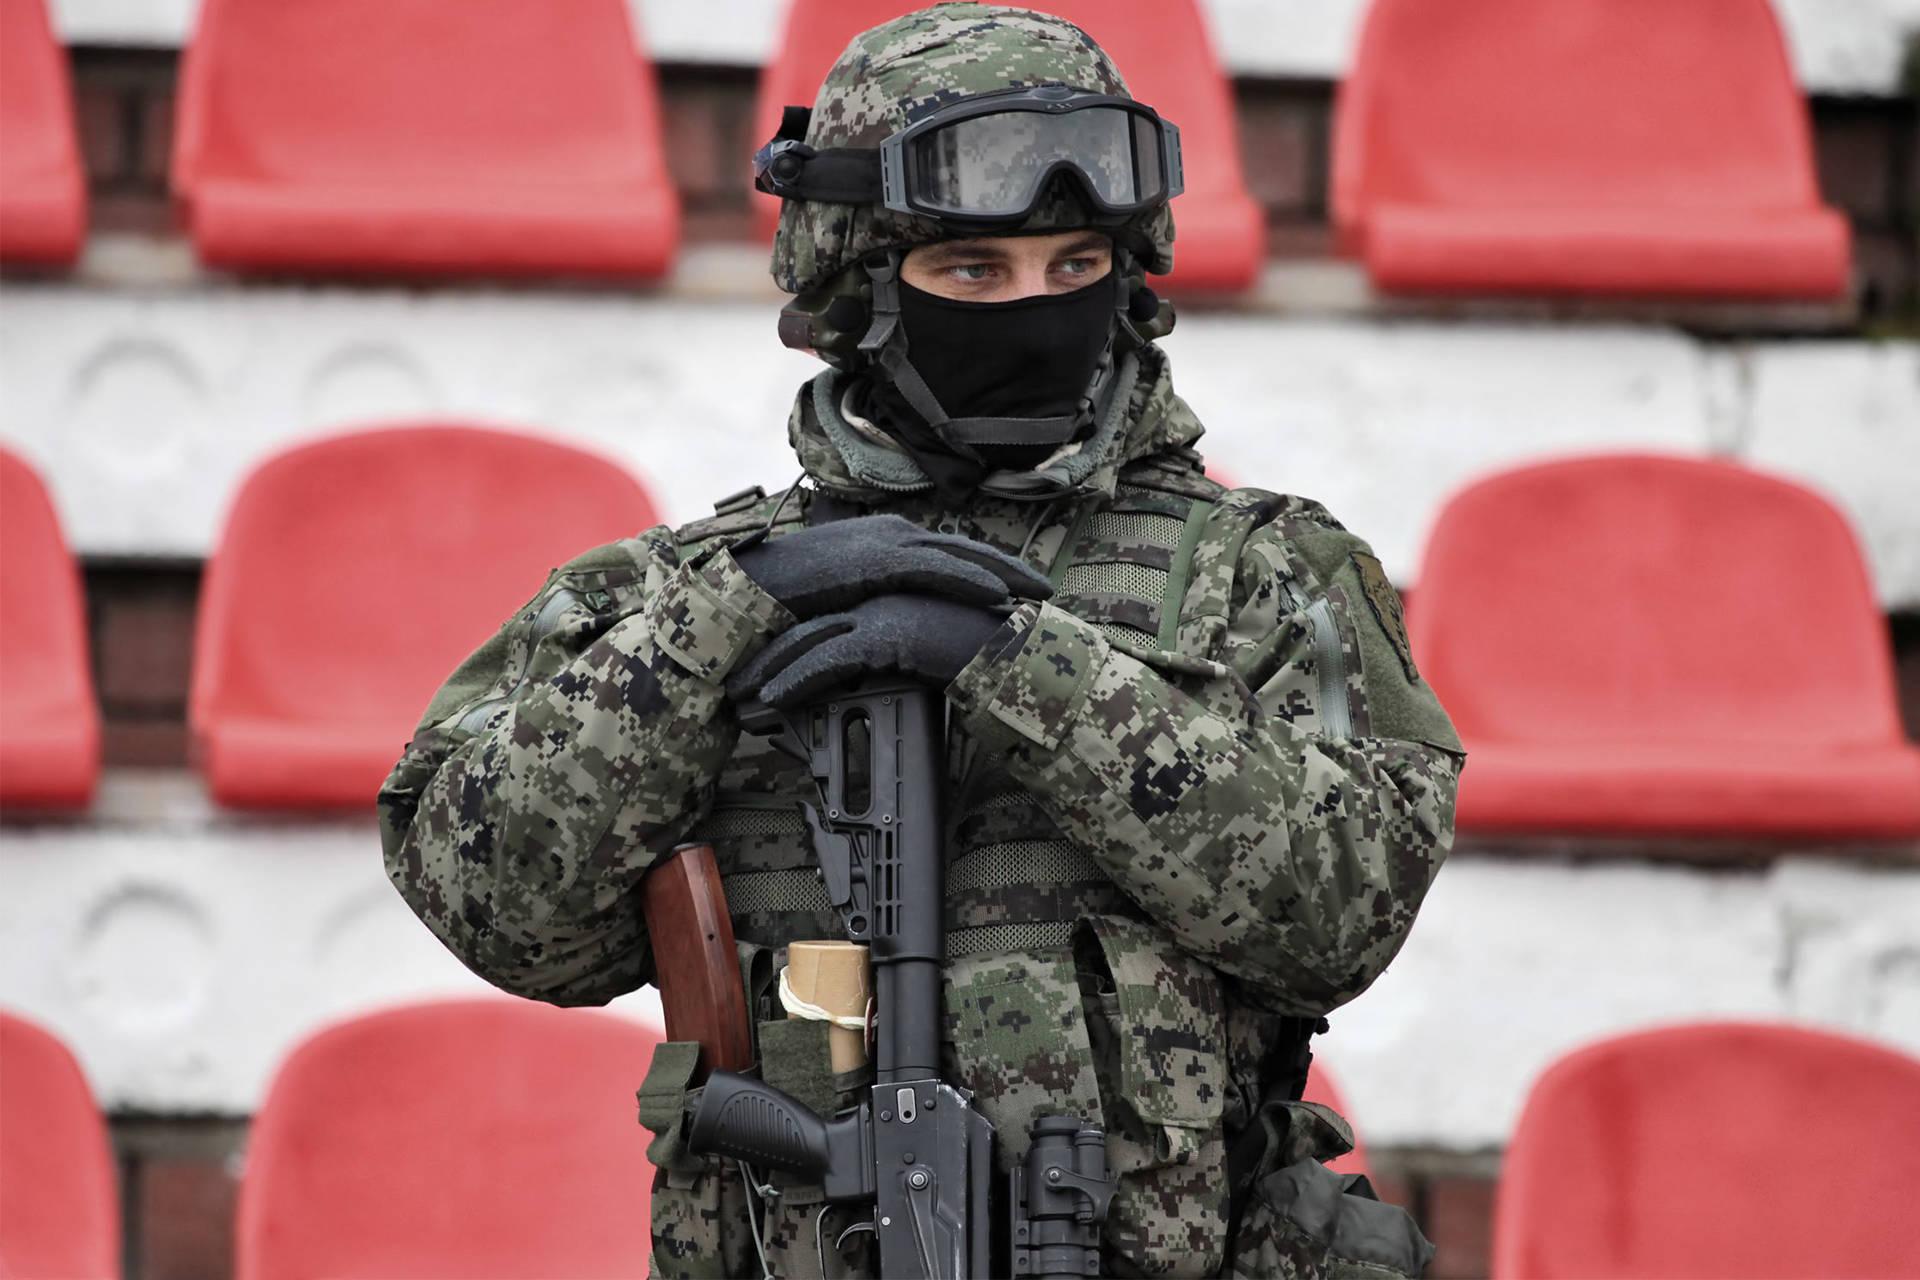 Антитеррористическая Защищенность Объектов Спорта! Новые Требования!